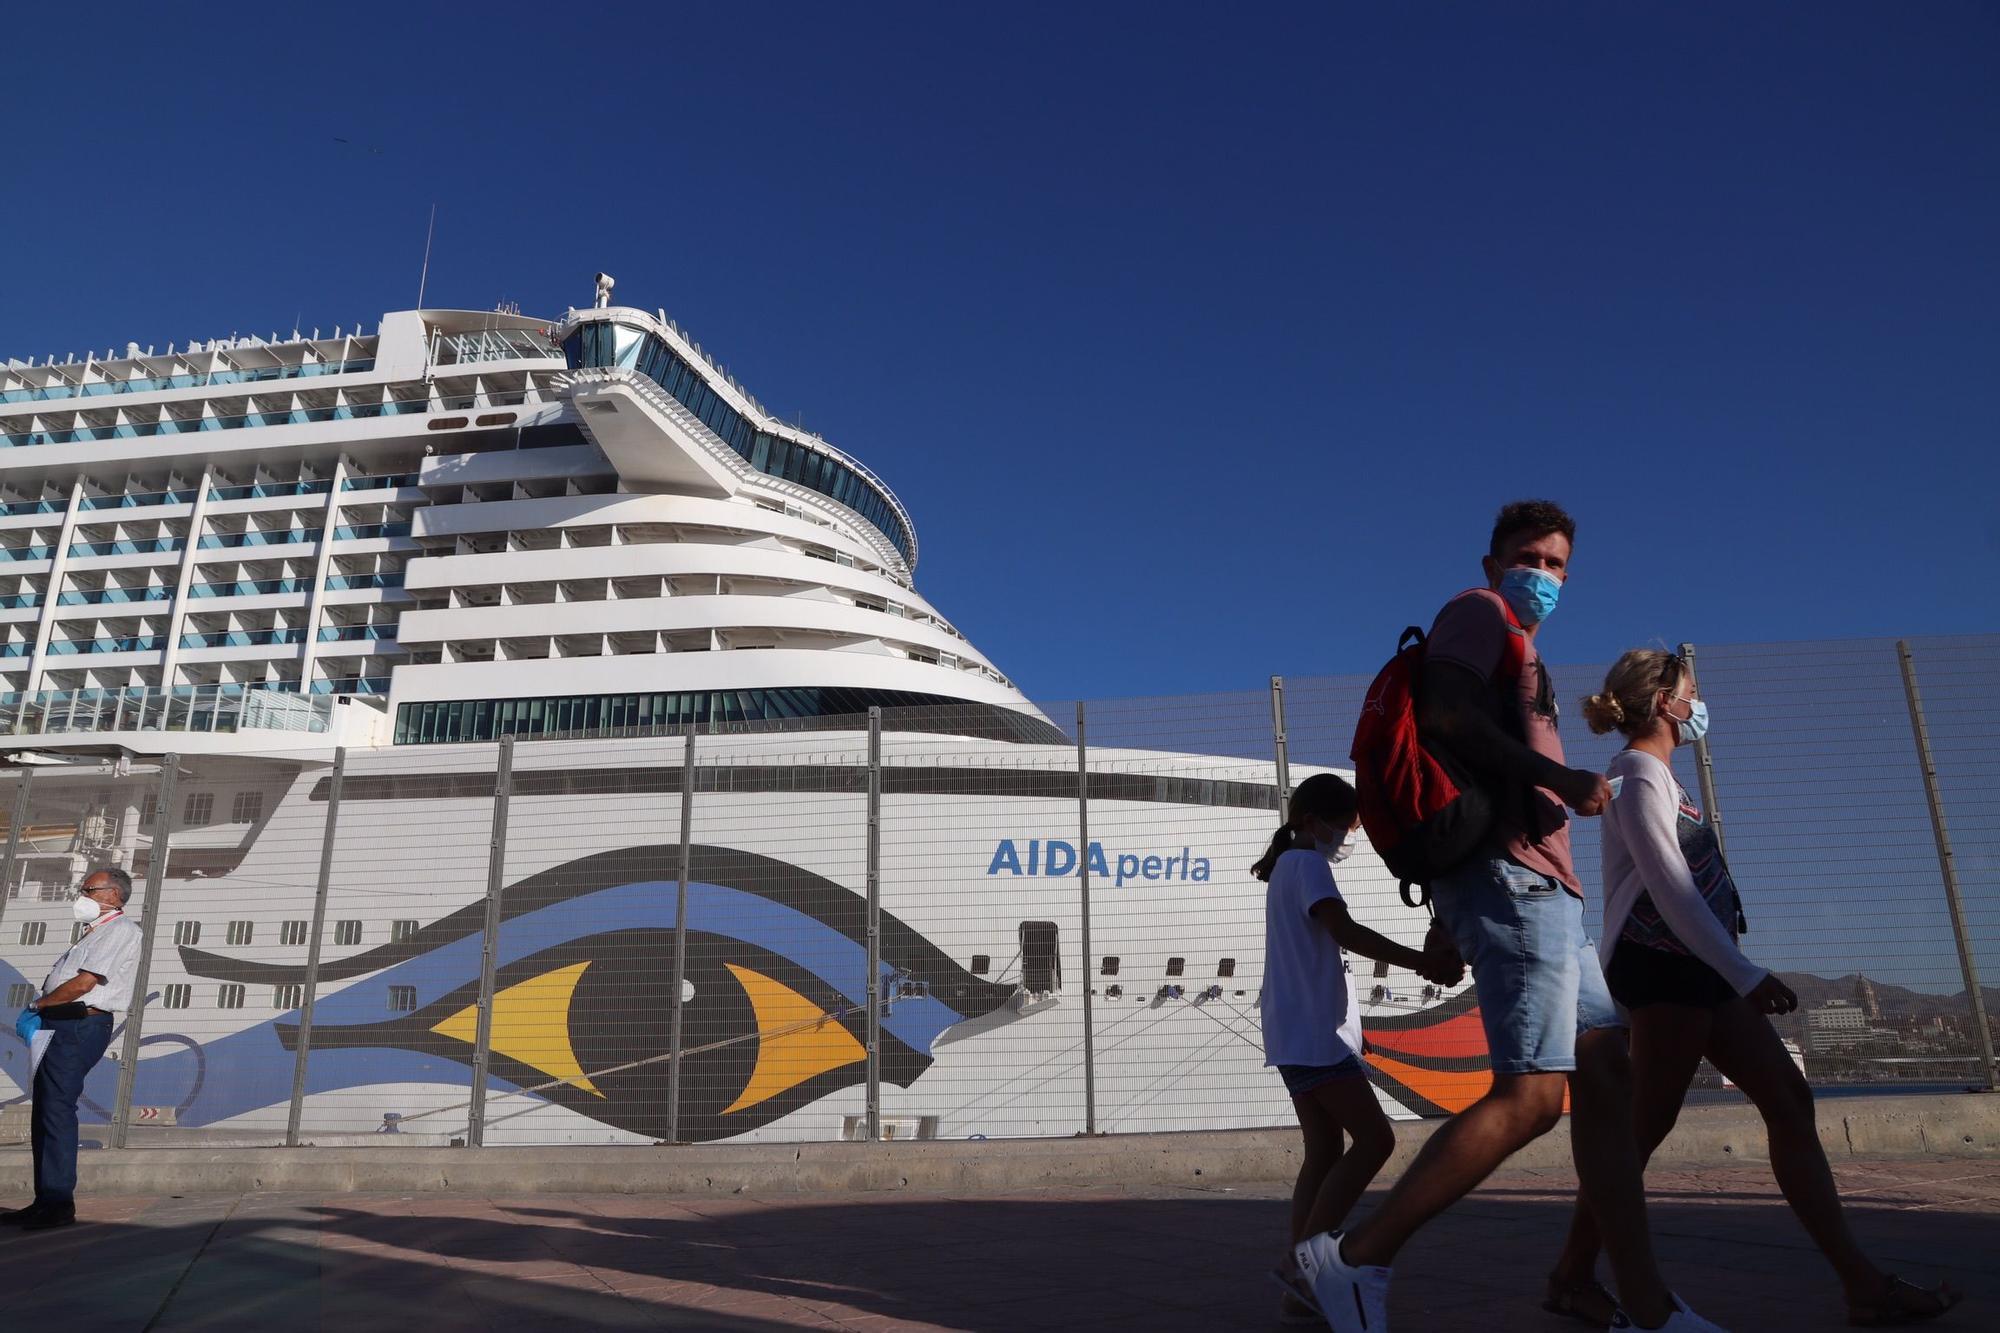 El crucero alemán Aida Perla, atracado en el Puerto de Málaga.